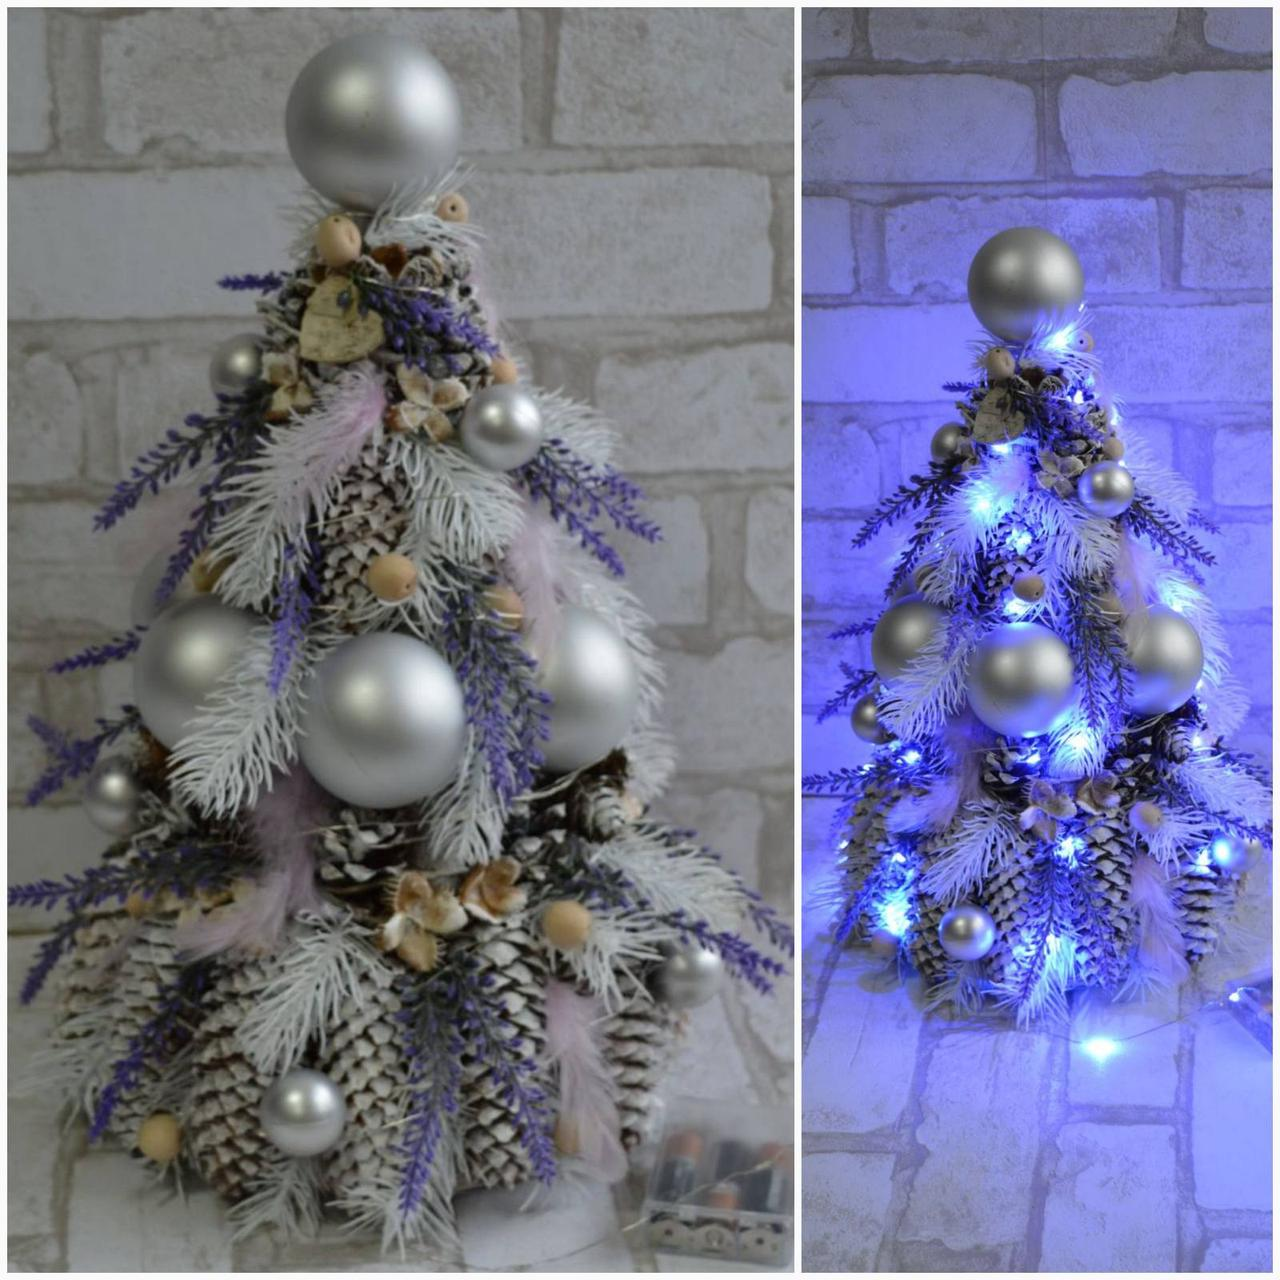 Шикарная новогодняя елка с украшениями и с лед подсветкой, выс. 42-45 см., 550 грн.